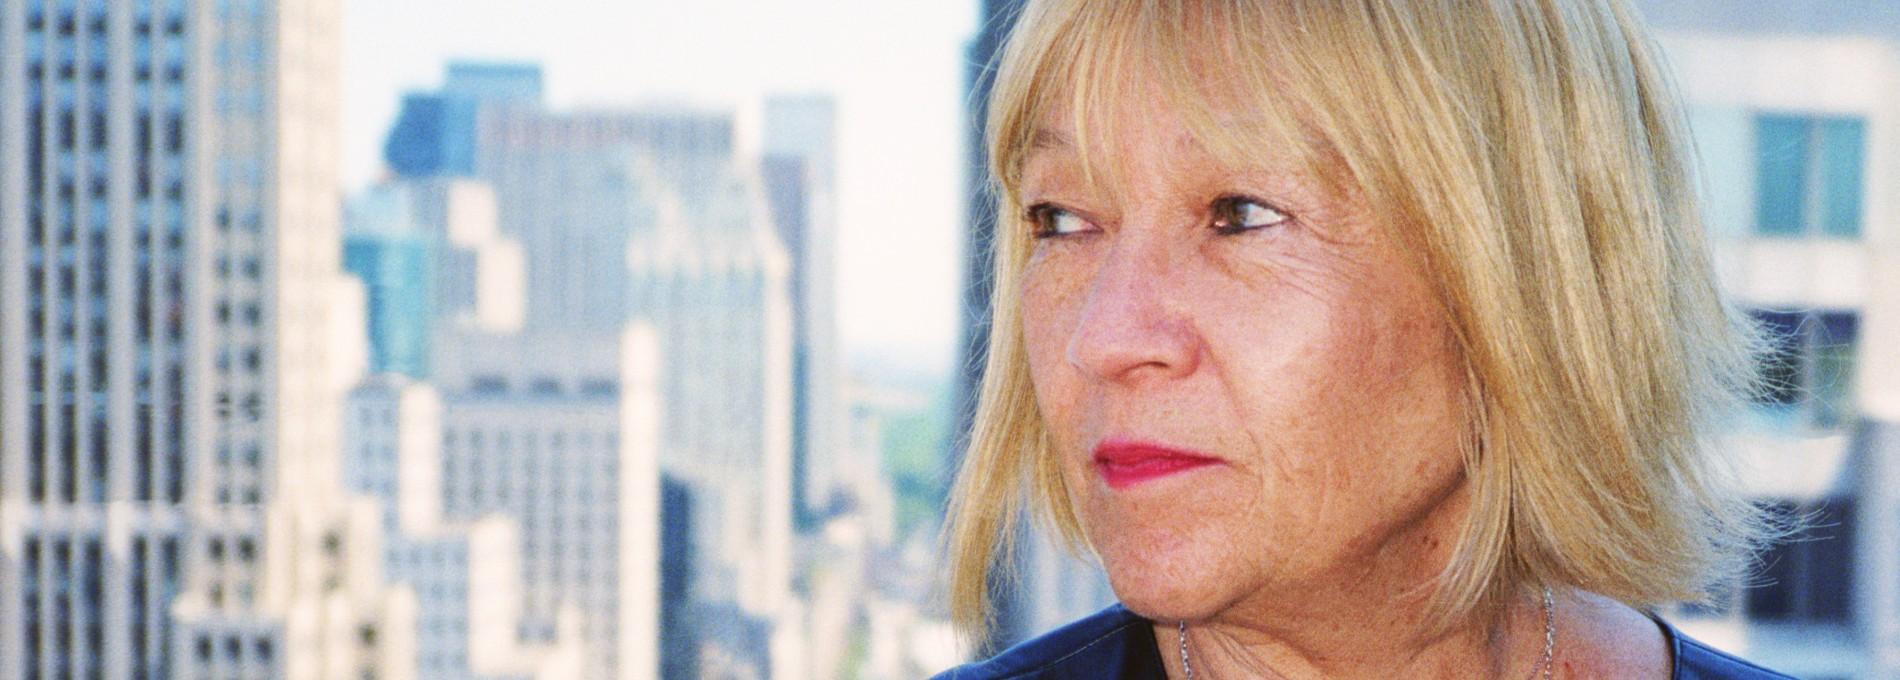 Cindy Gallop: Mais Amor no Pornô